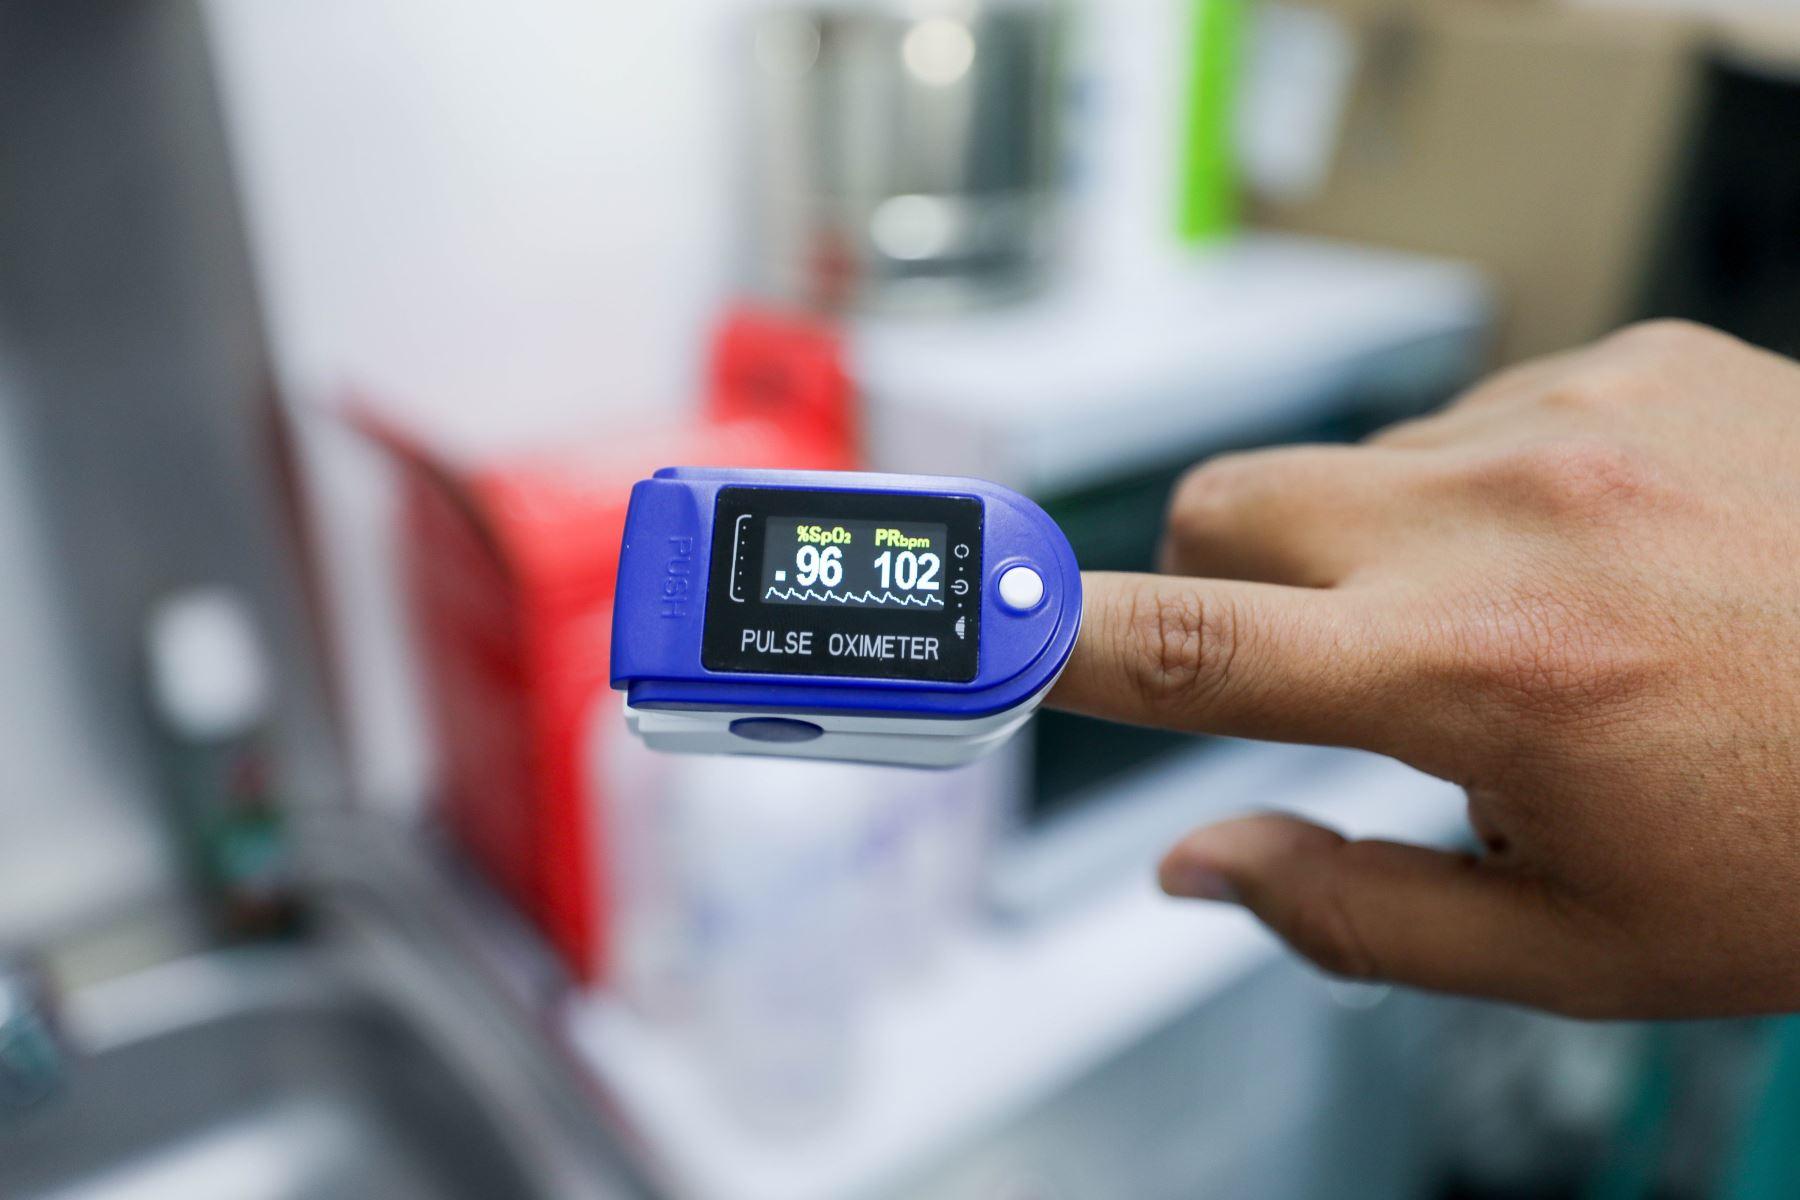 Minsa está procediendo a la entrega de 350 mil pulsioxímetros, que se suman a una primera entrega de 56 mil el año pasado. Foto: ANDINA/Difusión